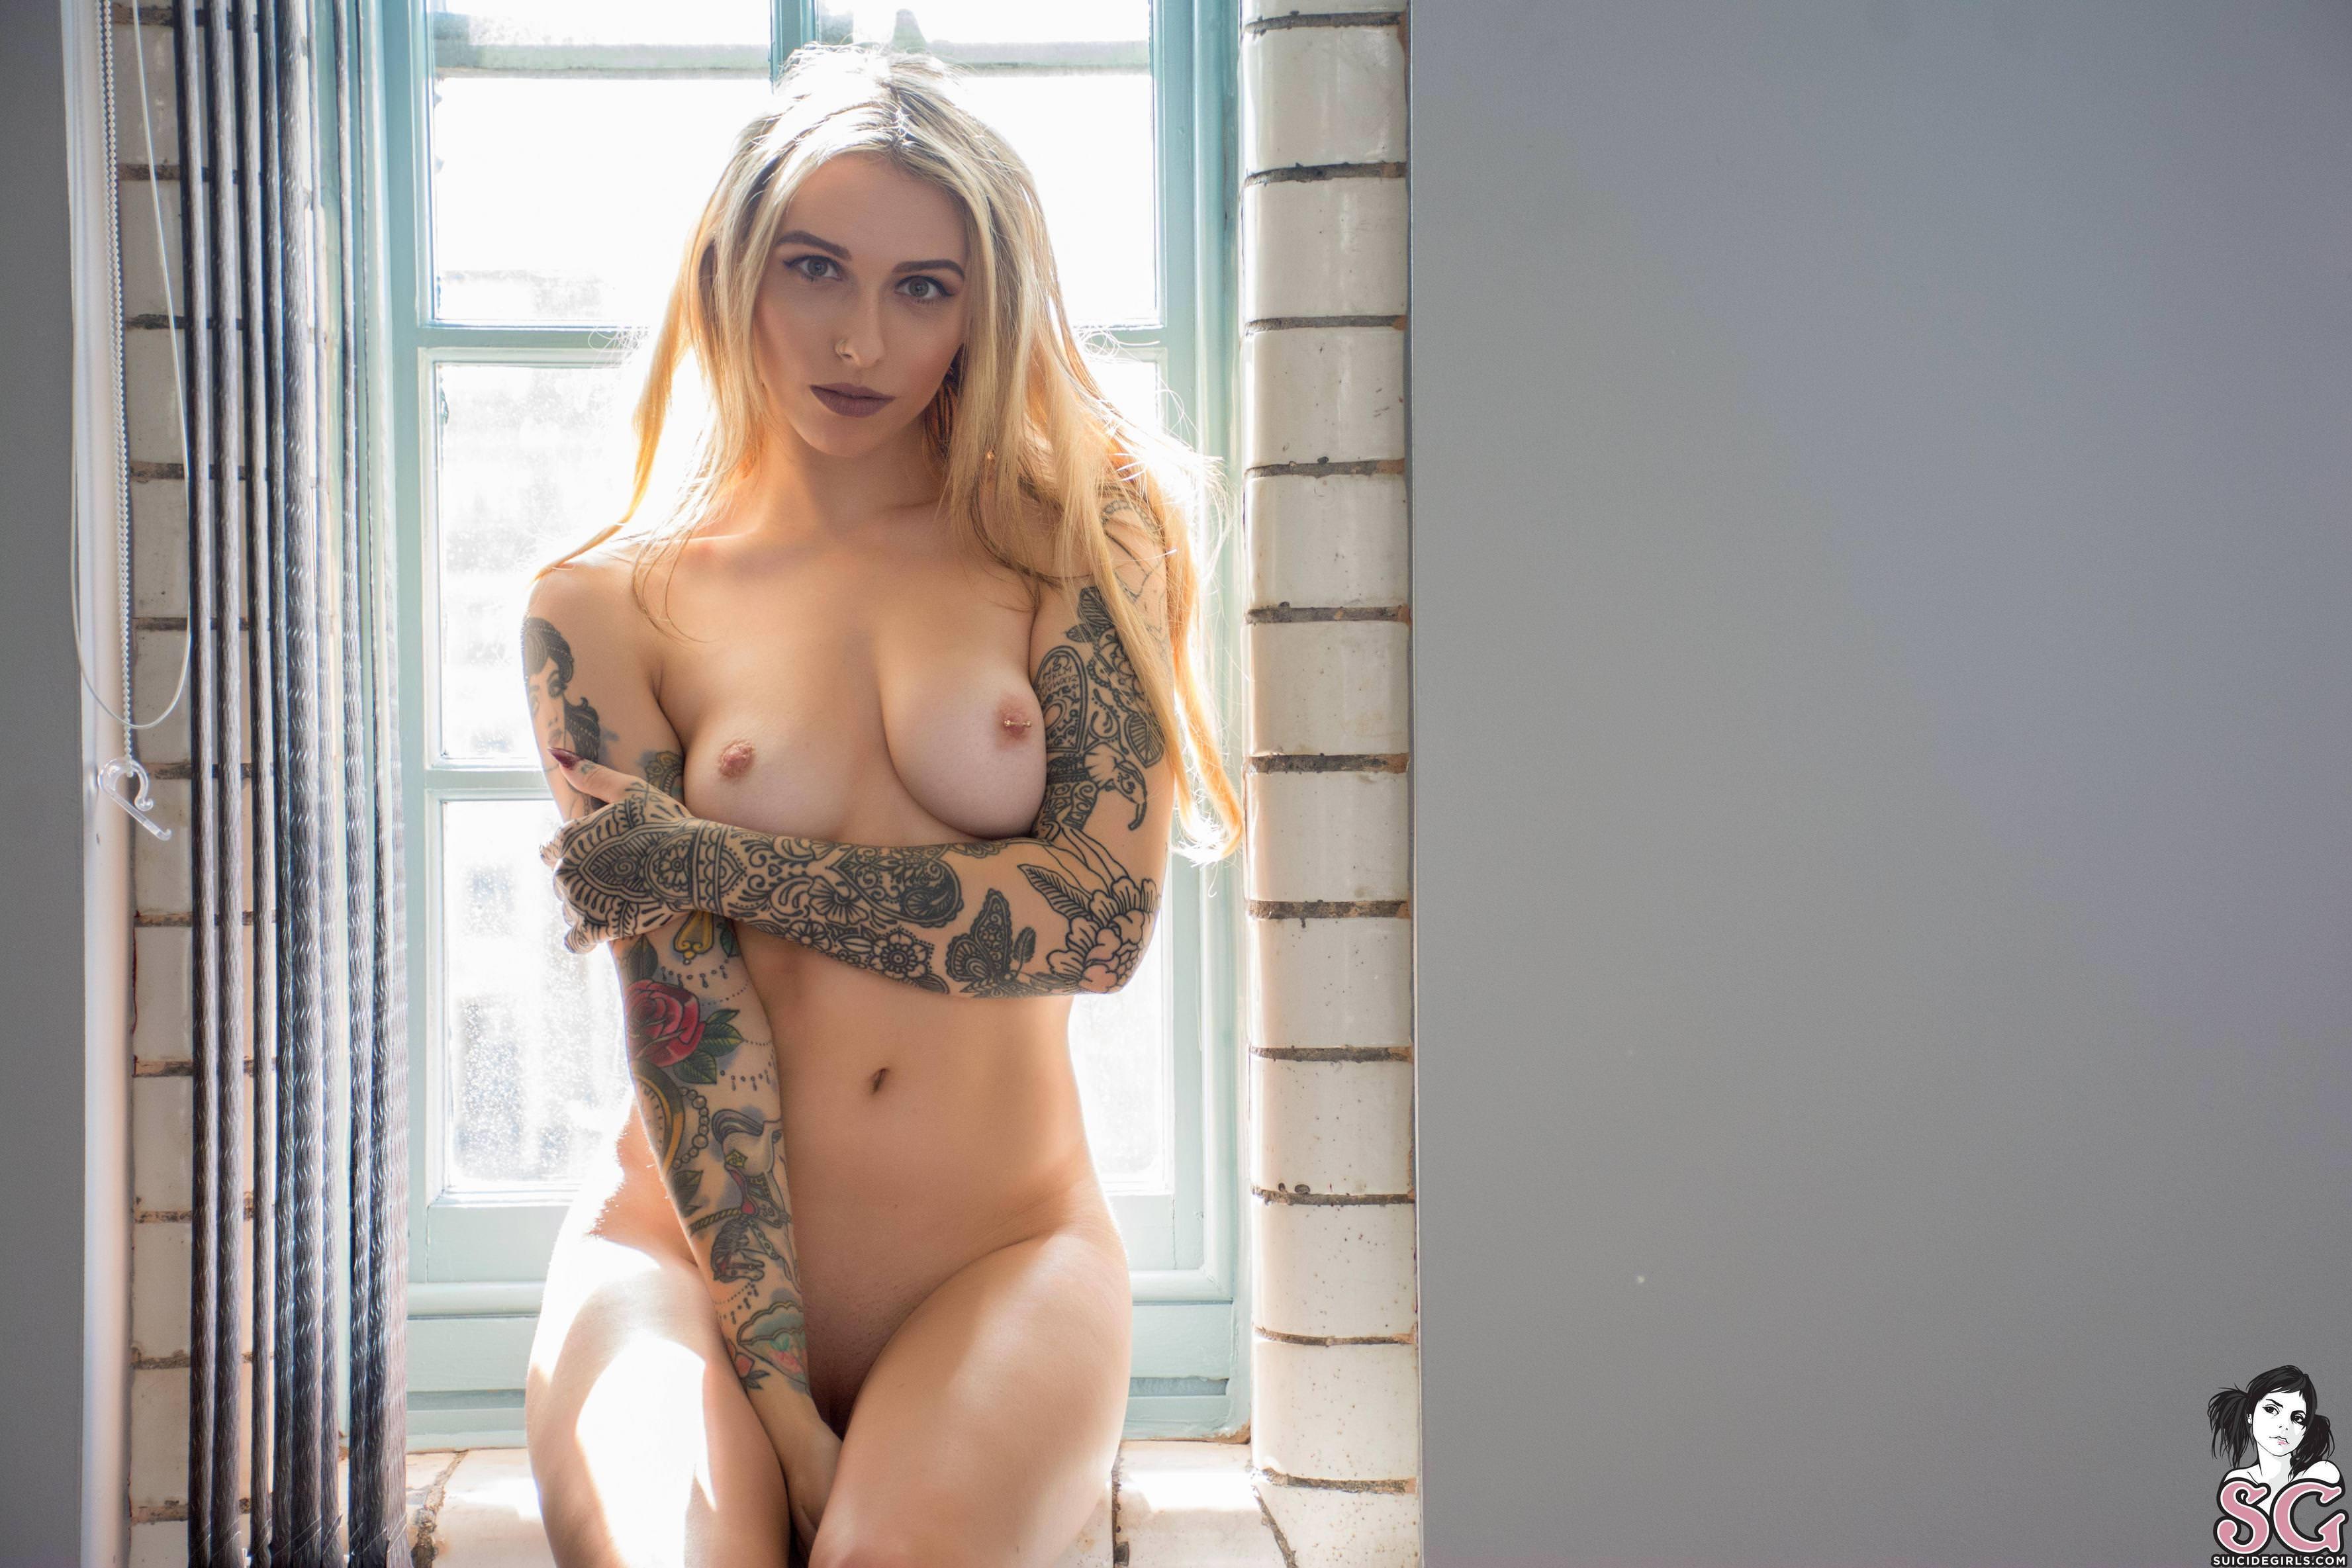 xohopeiero nude